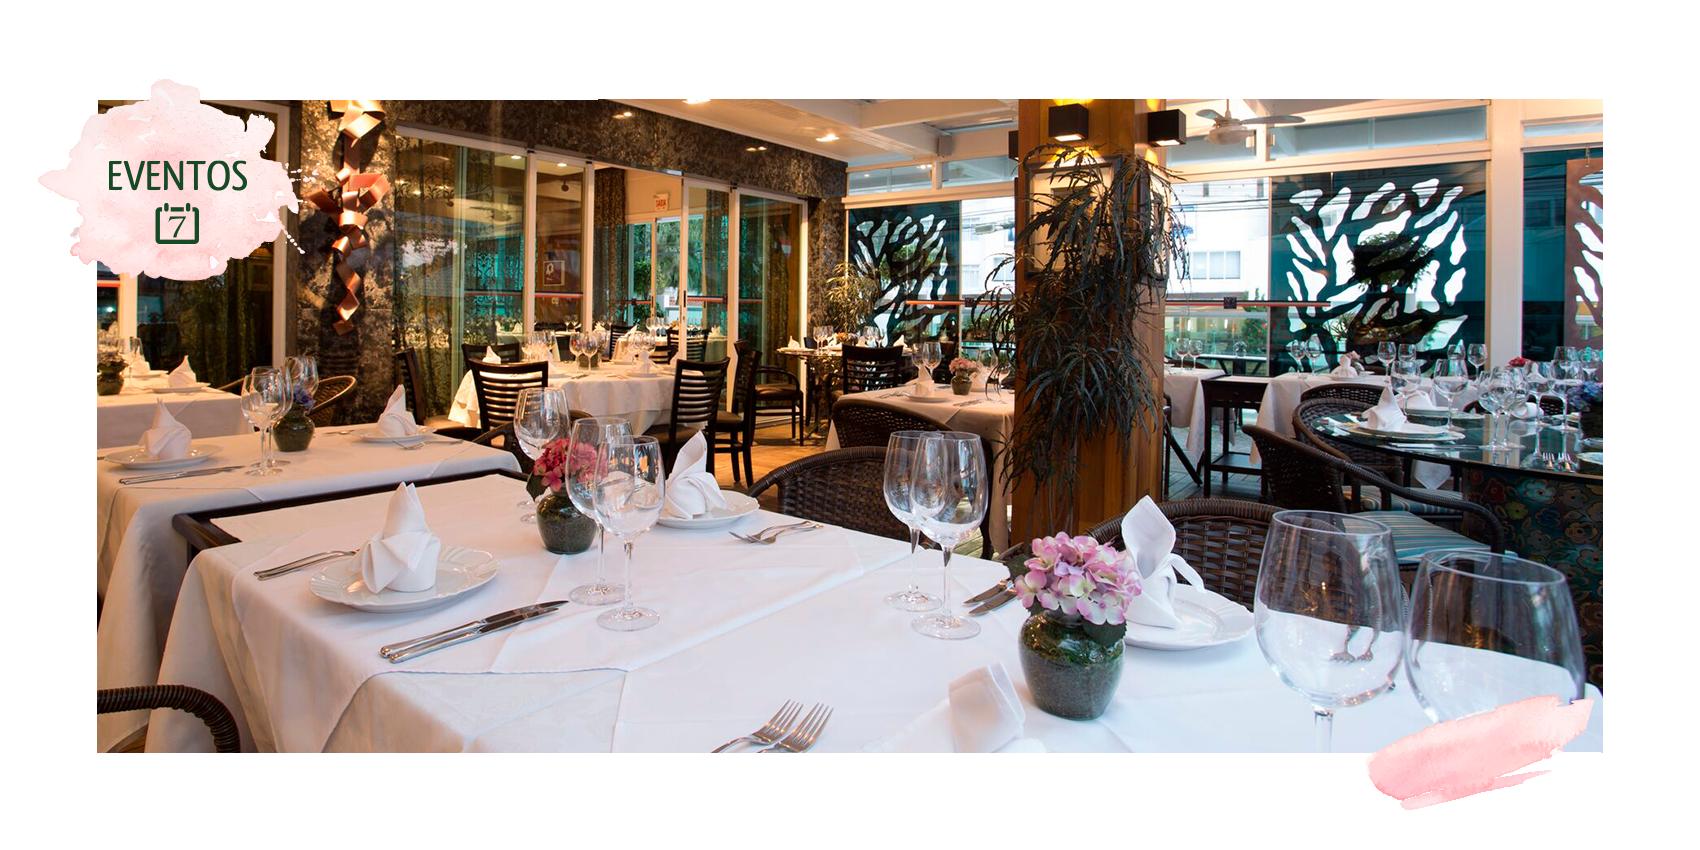 restaurante-number-7-banner-eventos-foto-02